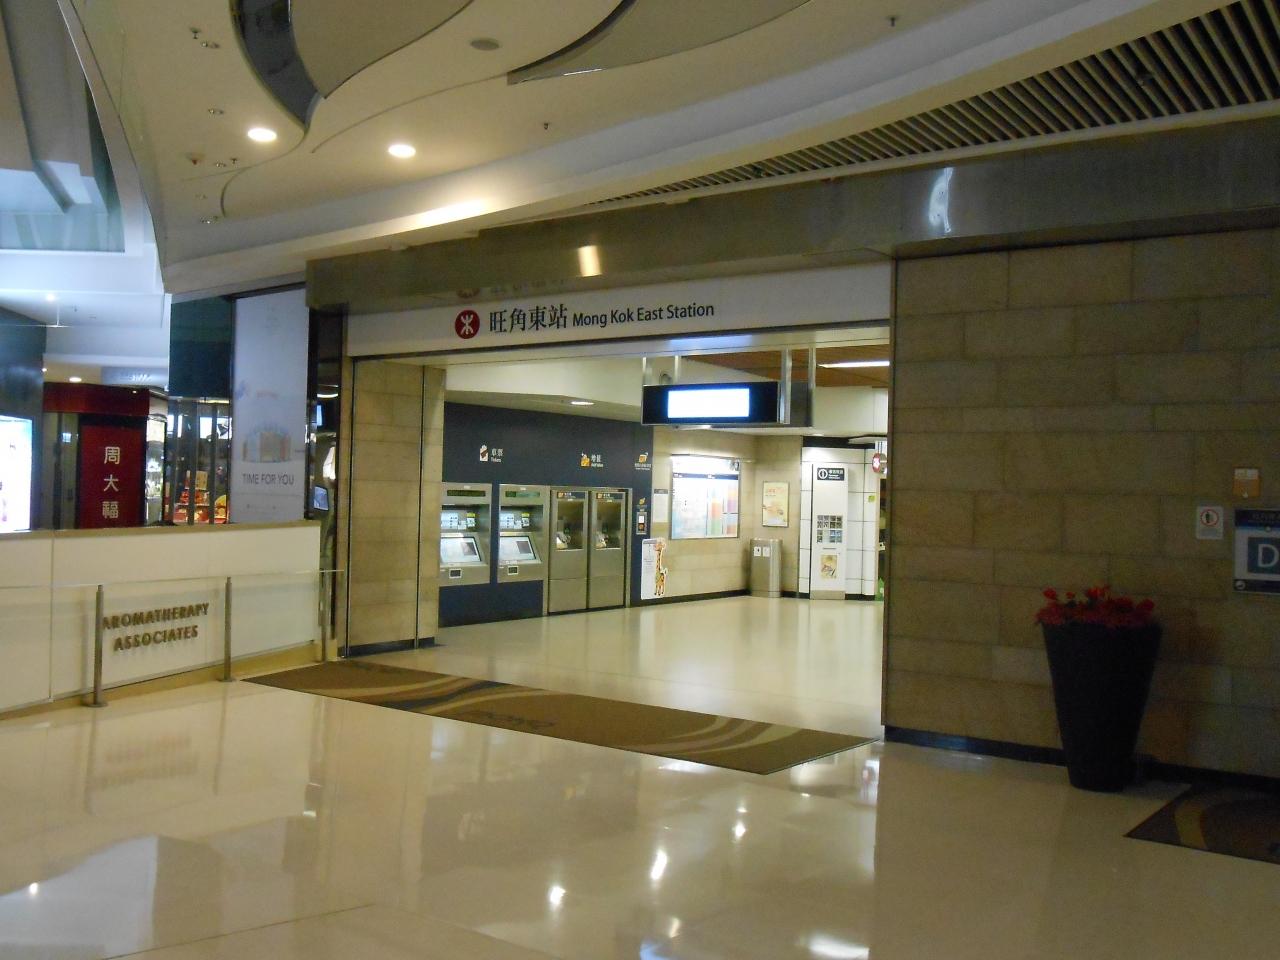 旺角東駅Mong Kok East Station